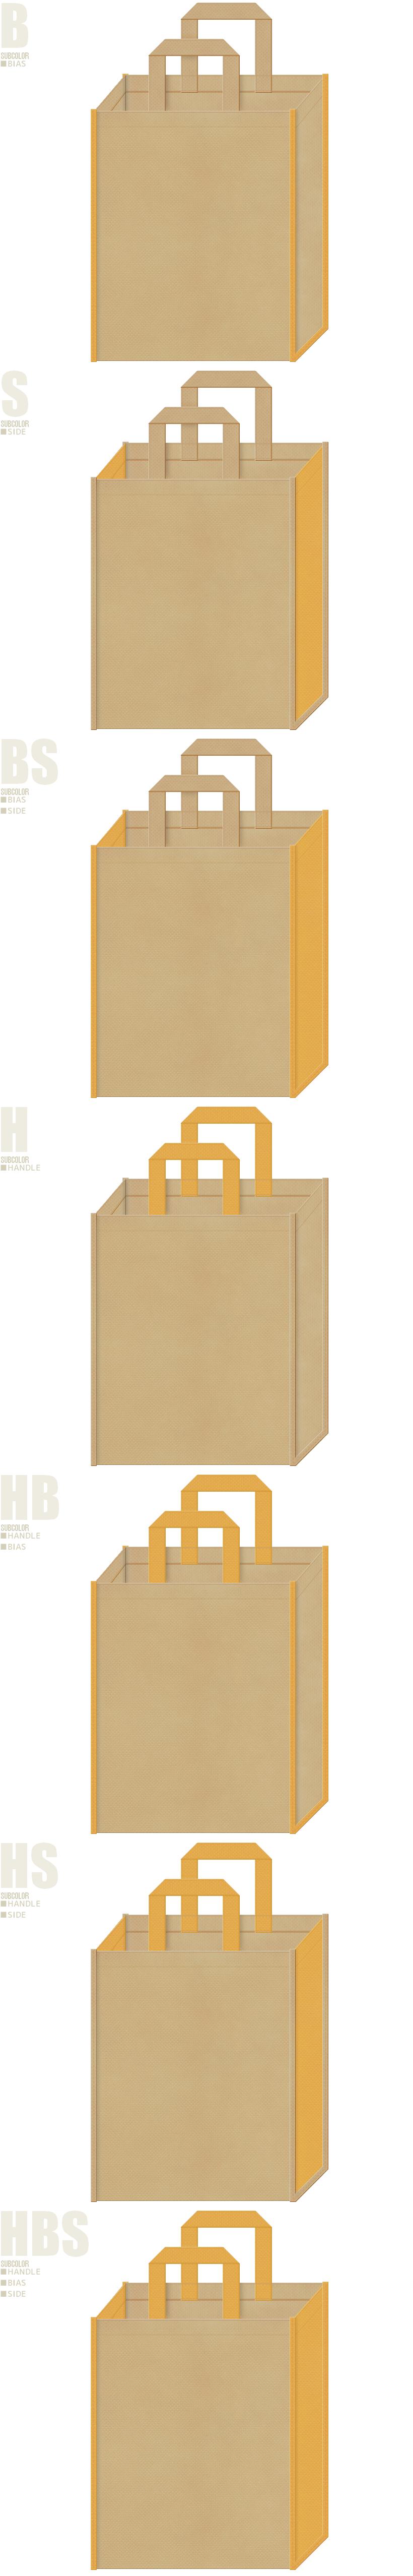 カーキ色と黄土色、7パターンの不織布トートバッグ配色デザイン例。girlyな不織布バッグにお奨めです。